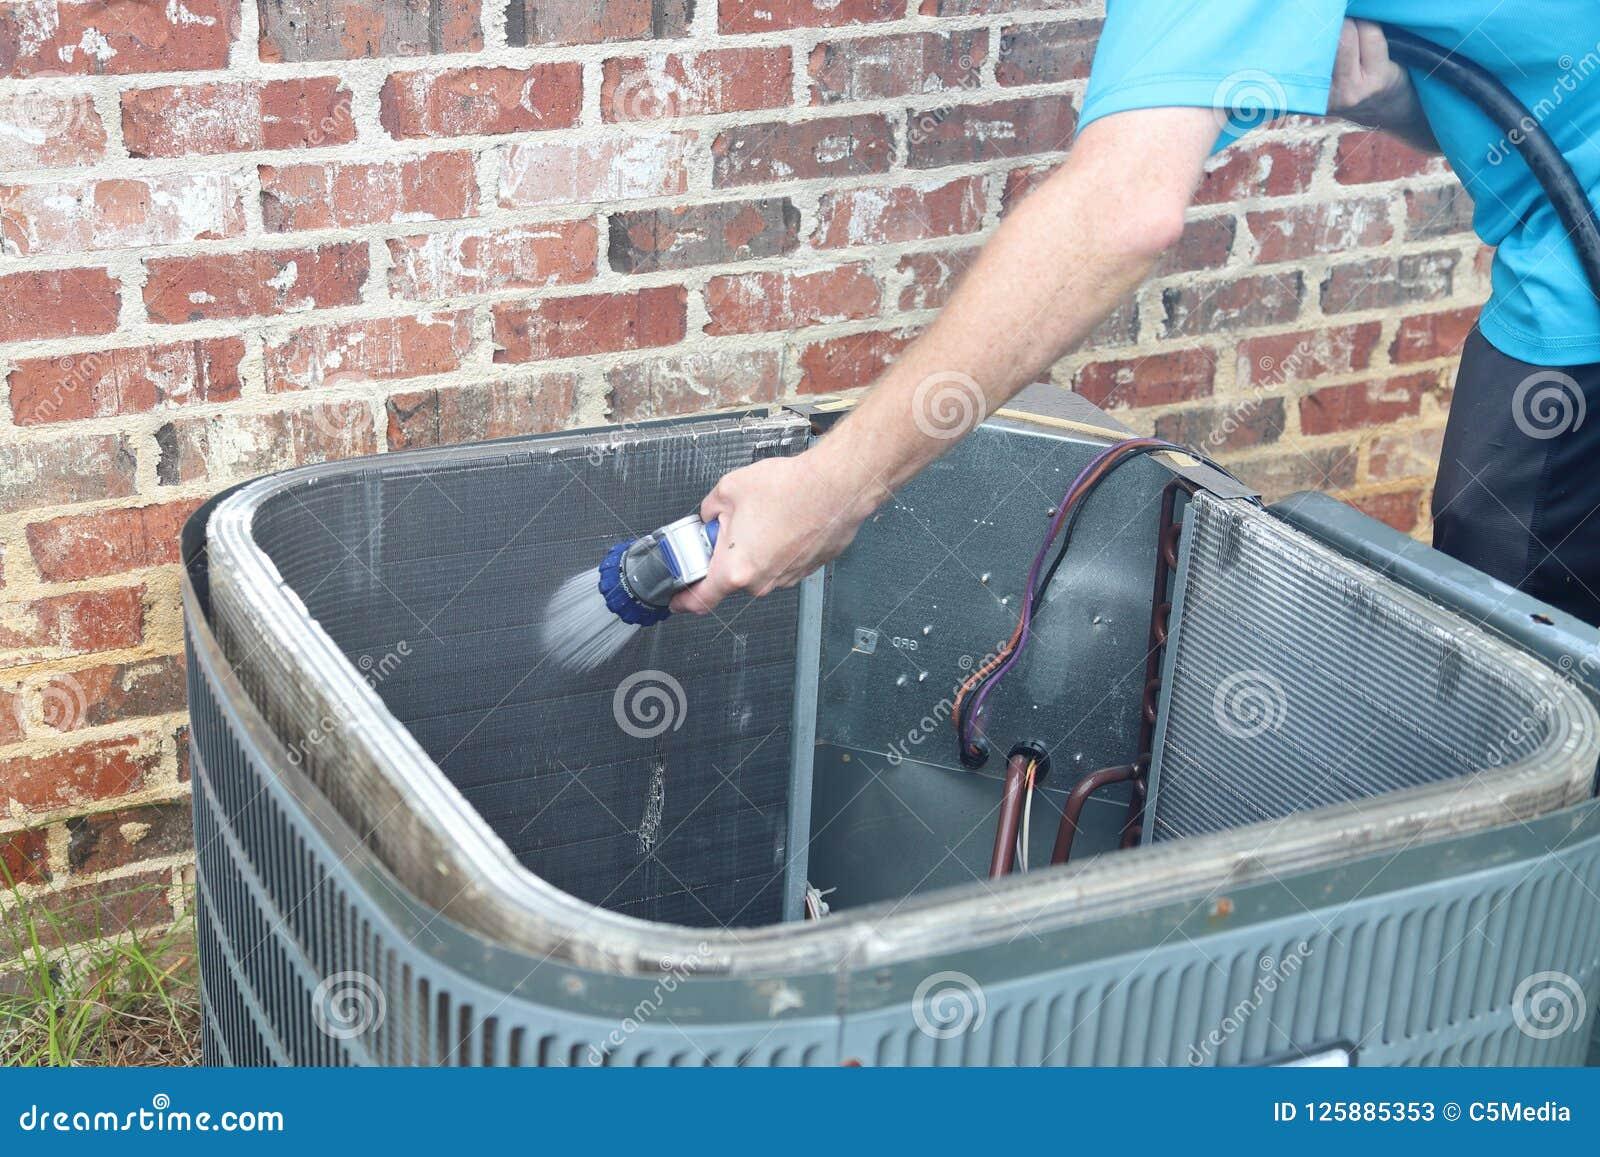 Airconditioneronderhoud, de rol van de compressorcondensator